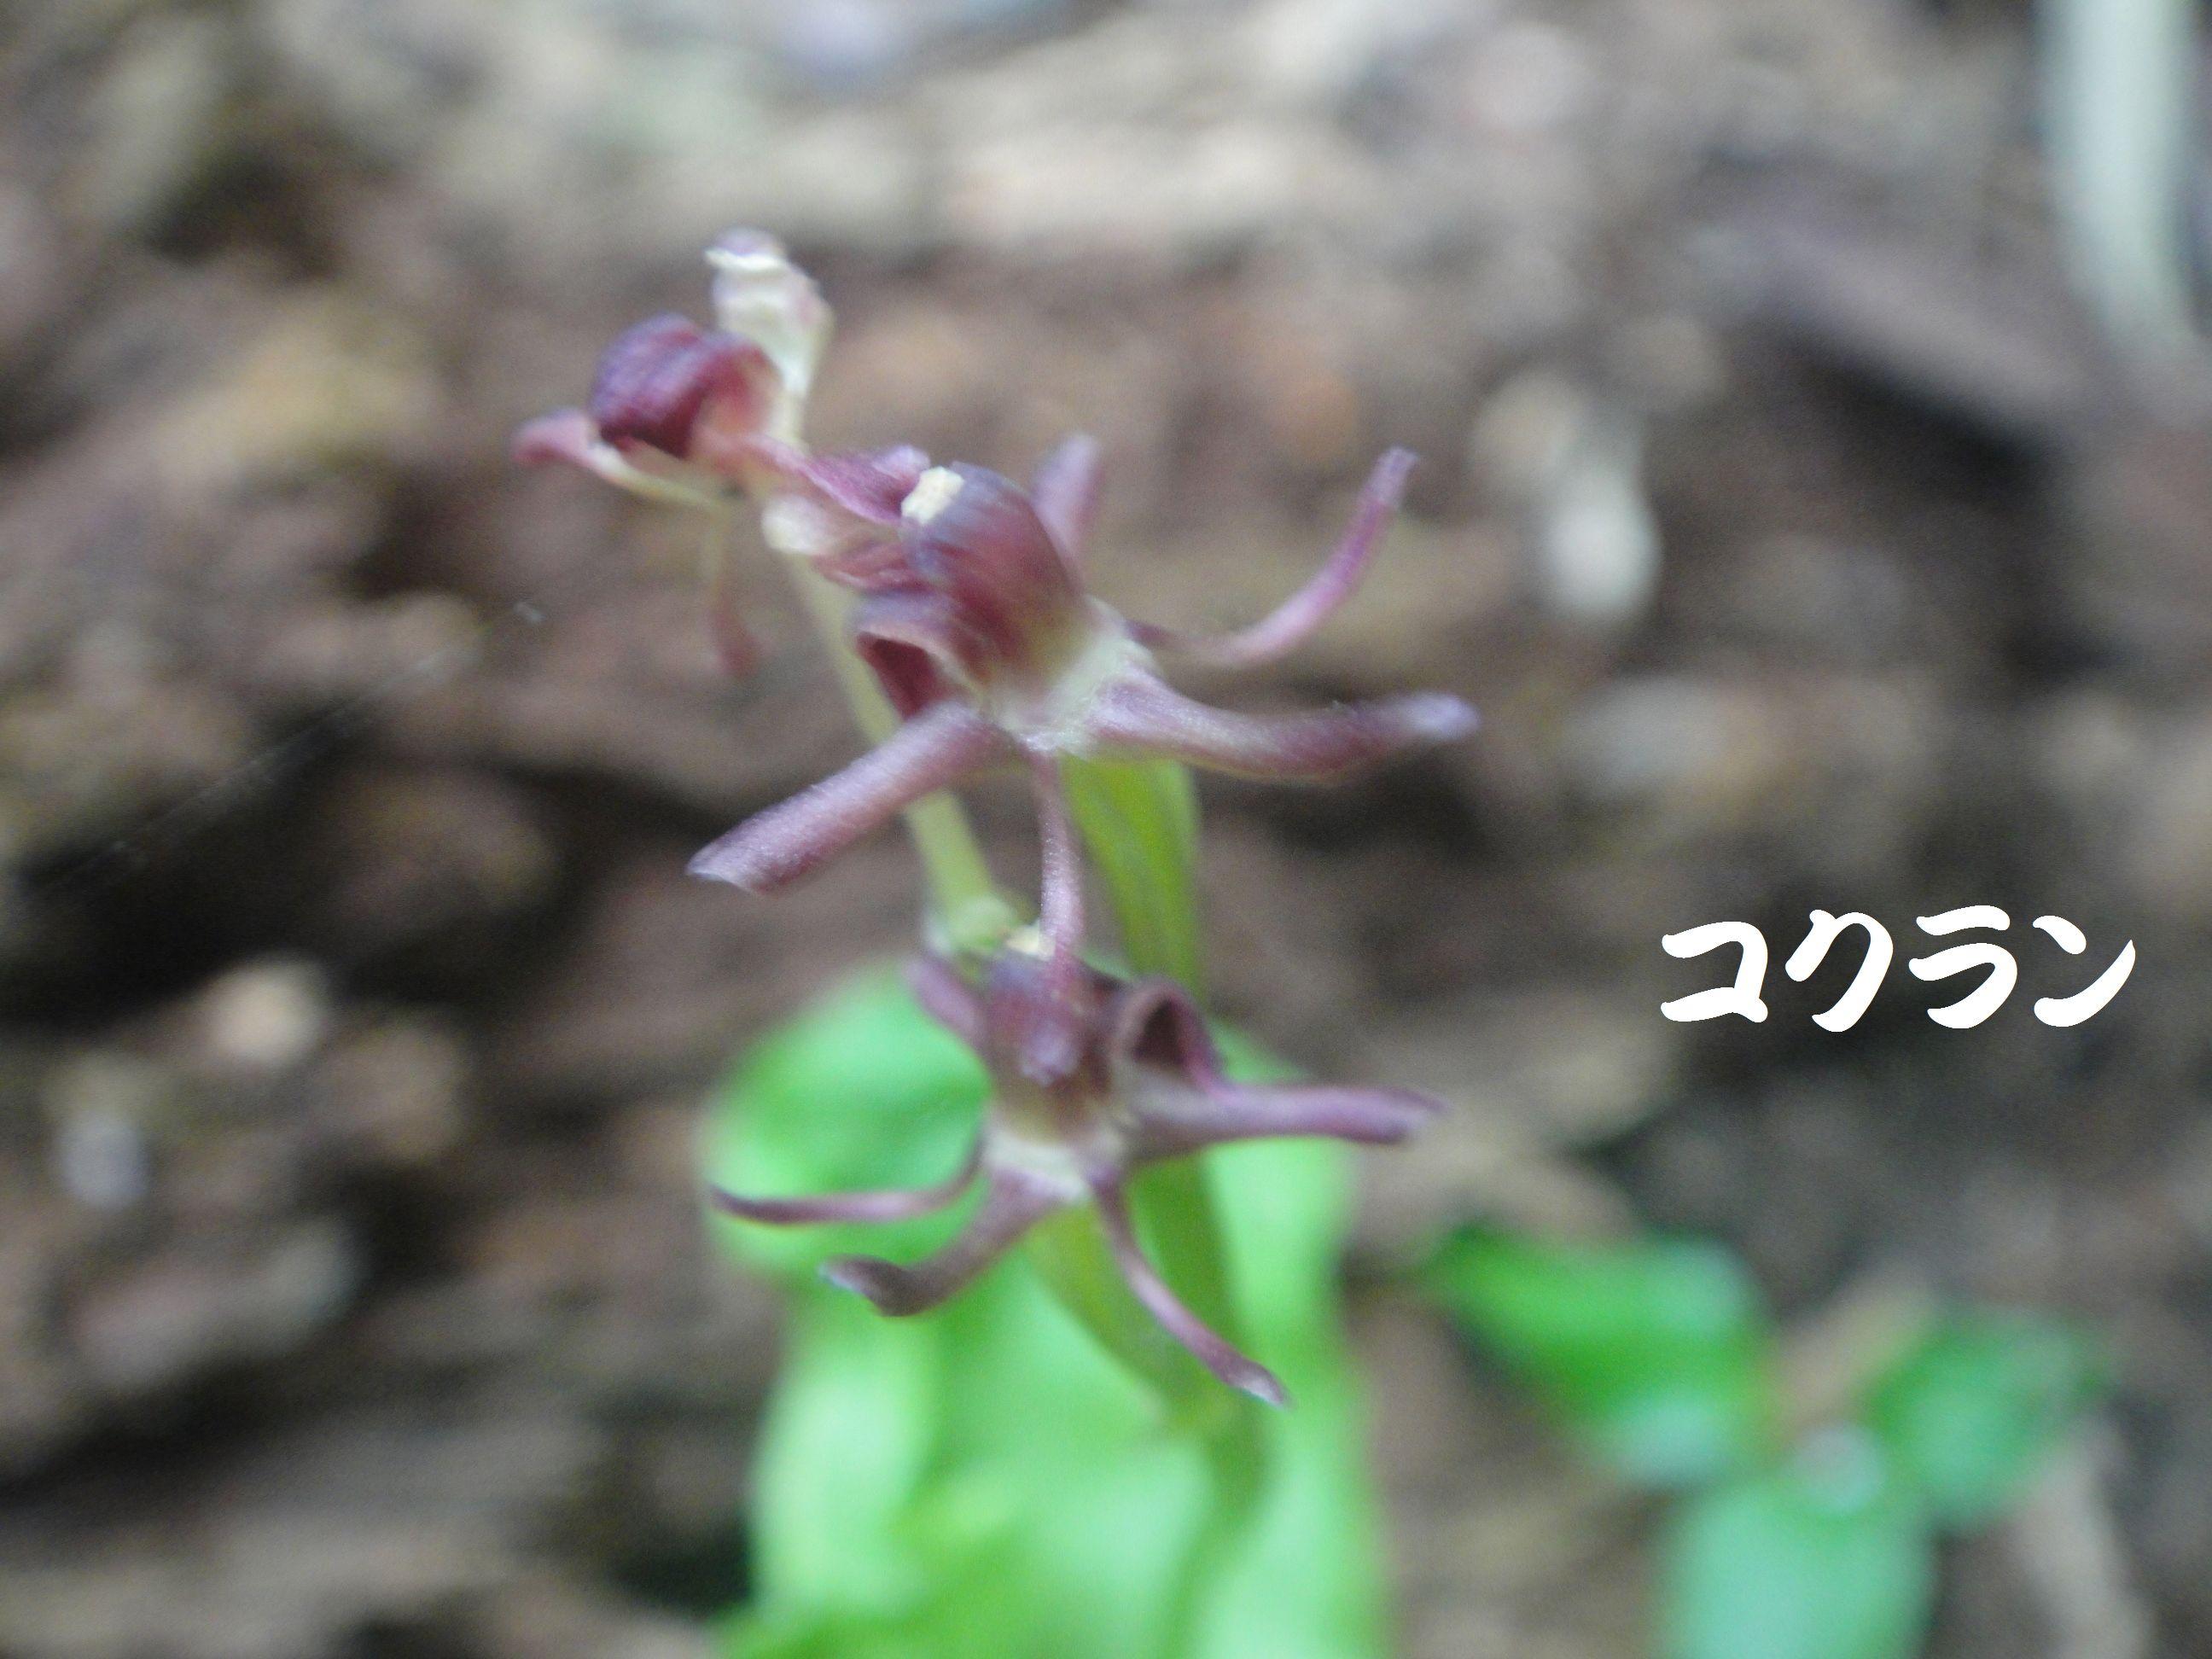 トンボソウとコクランに出会えました in うみべの森を育てる会植物観察     by     (TATE-misaki)_c0108460_17394636.jpg